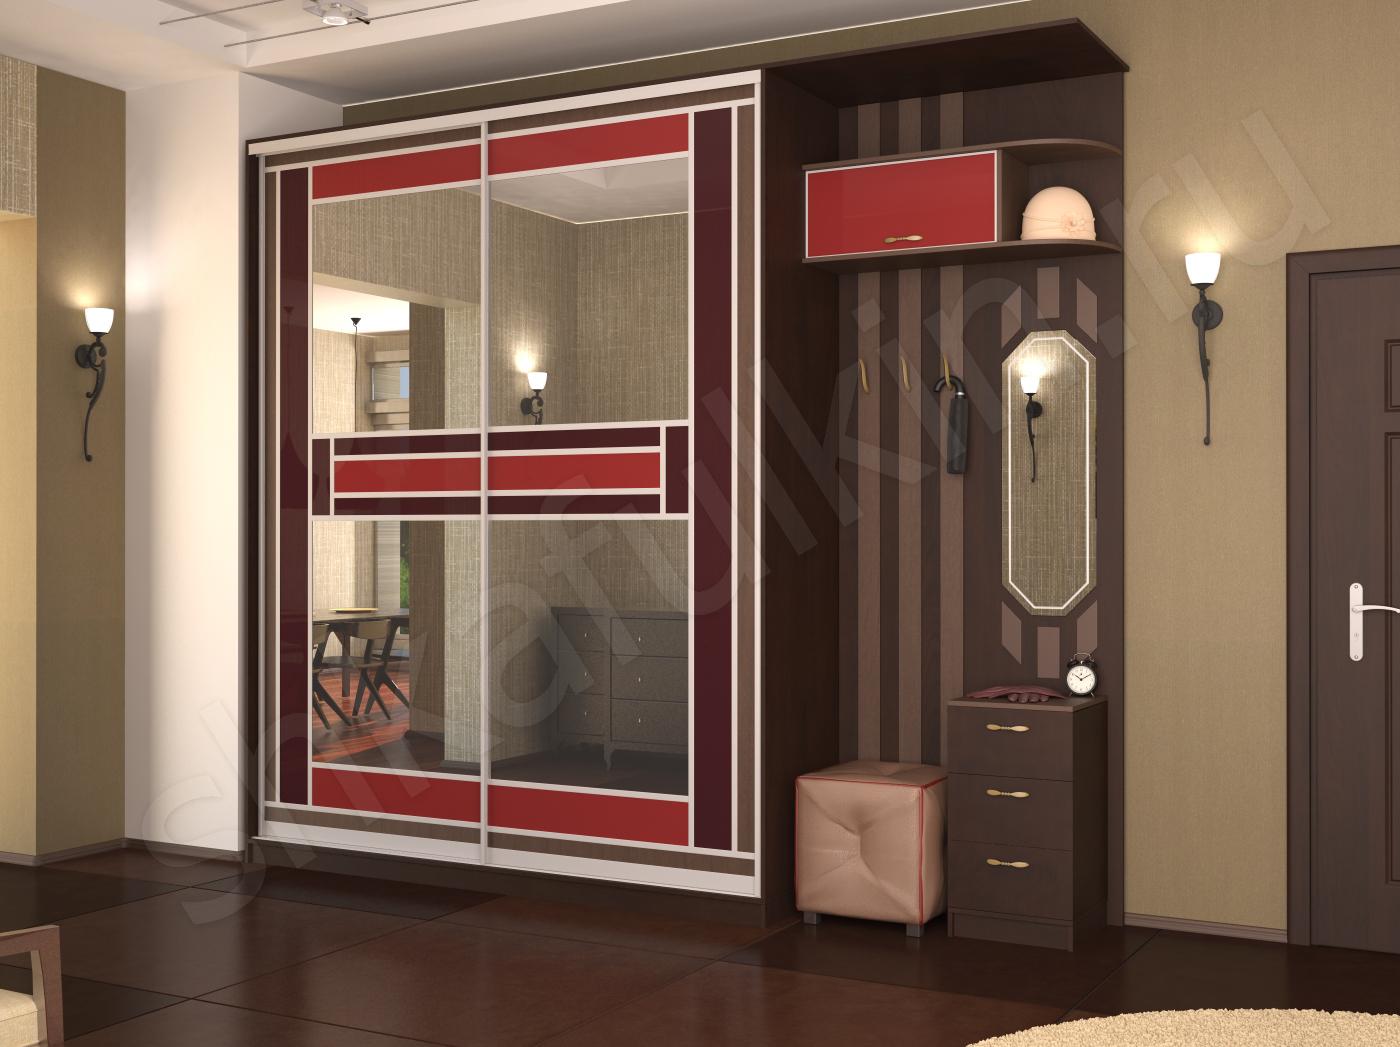 Мебель для маленькой прихожей модерн: фото, размеры.